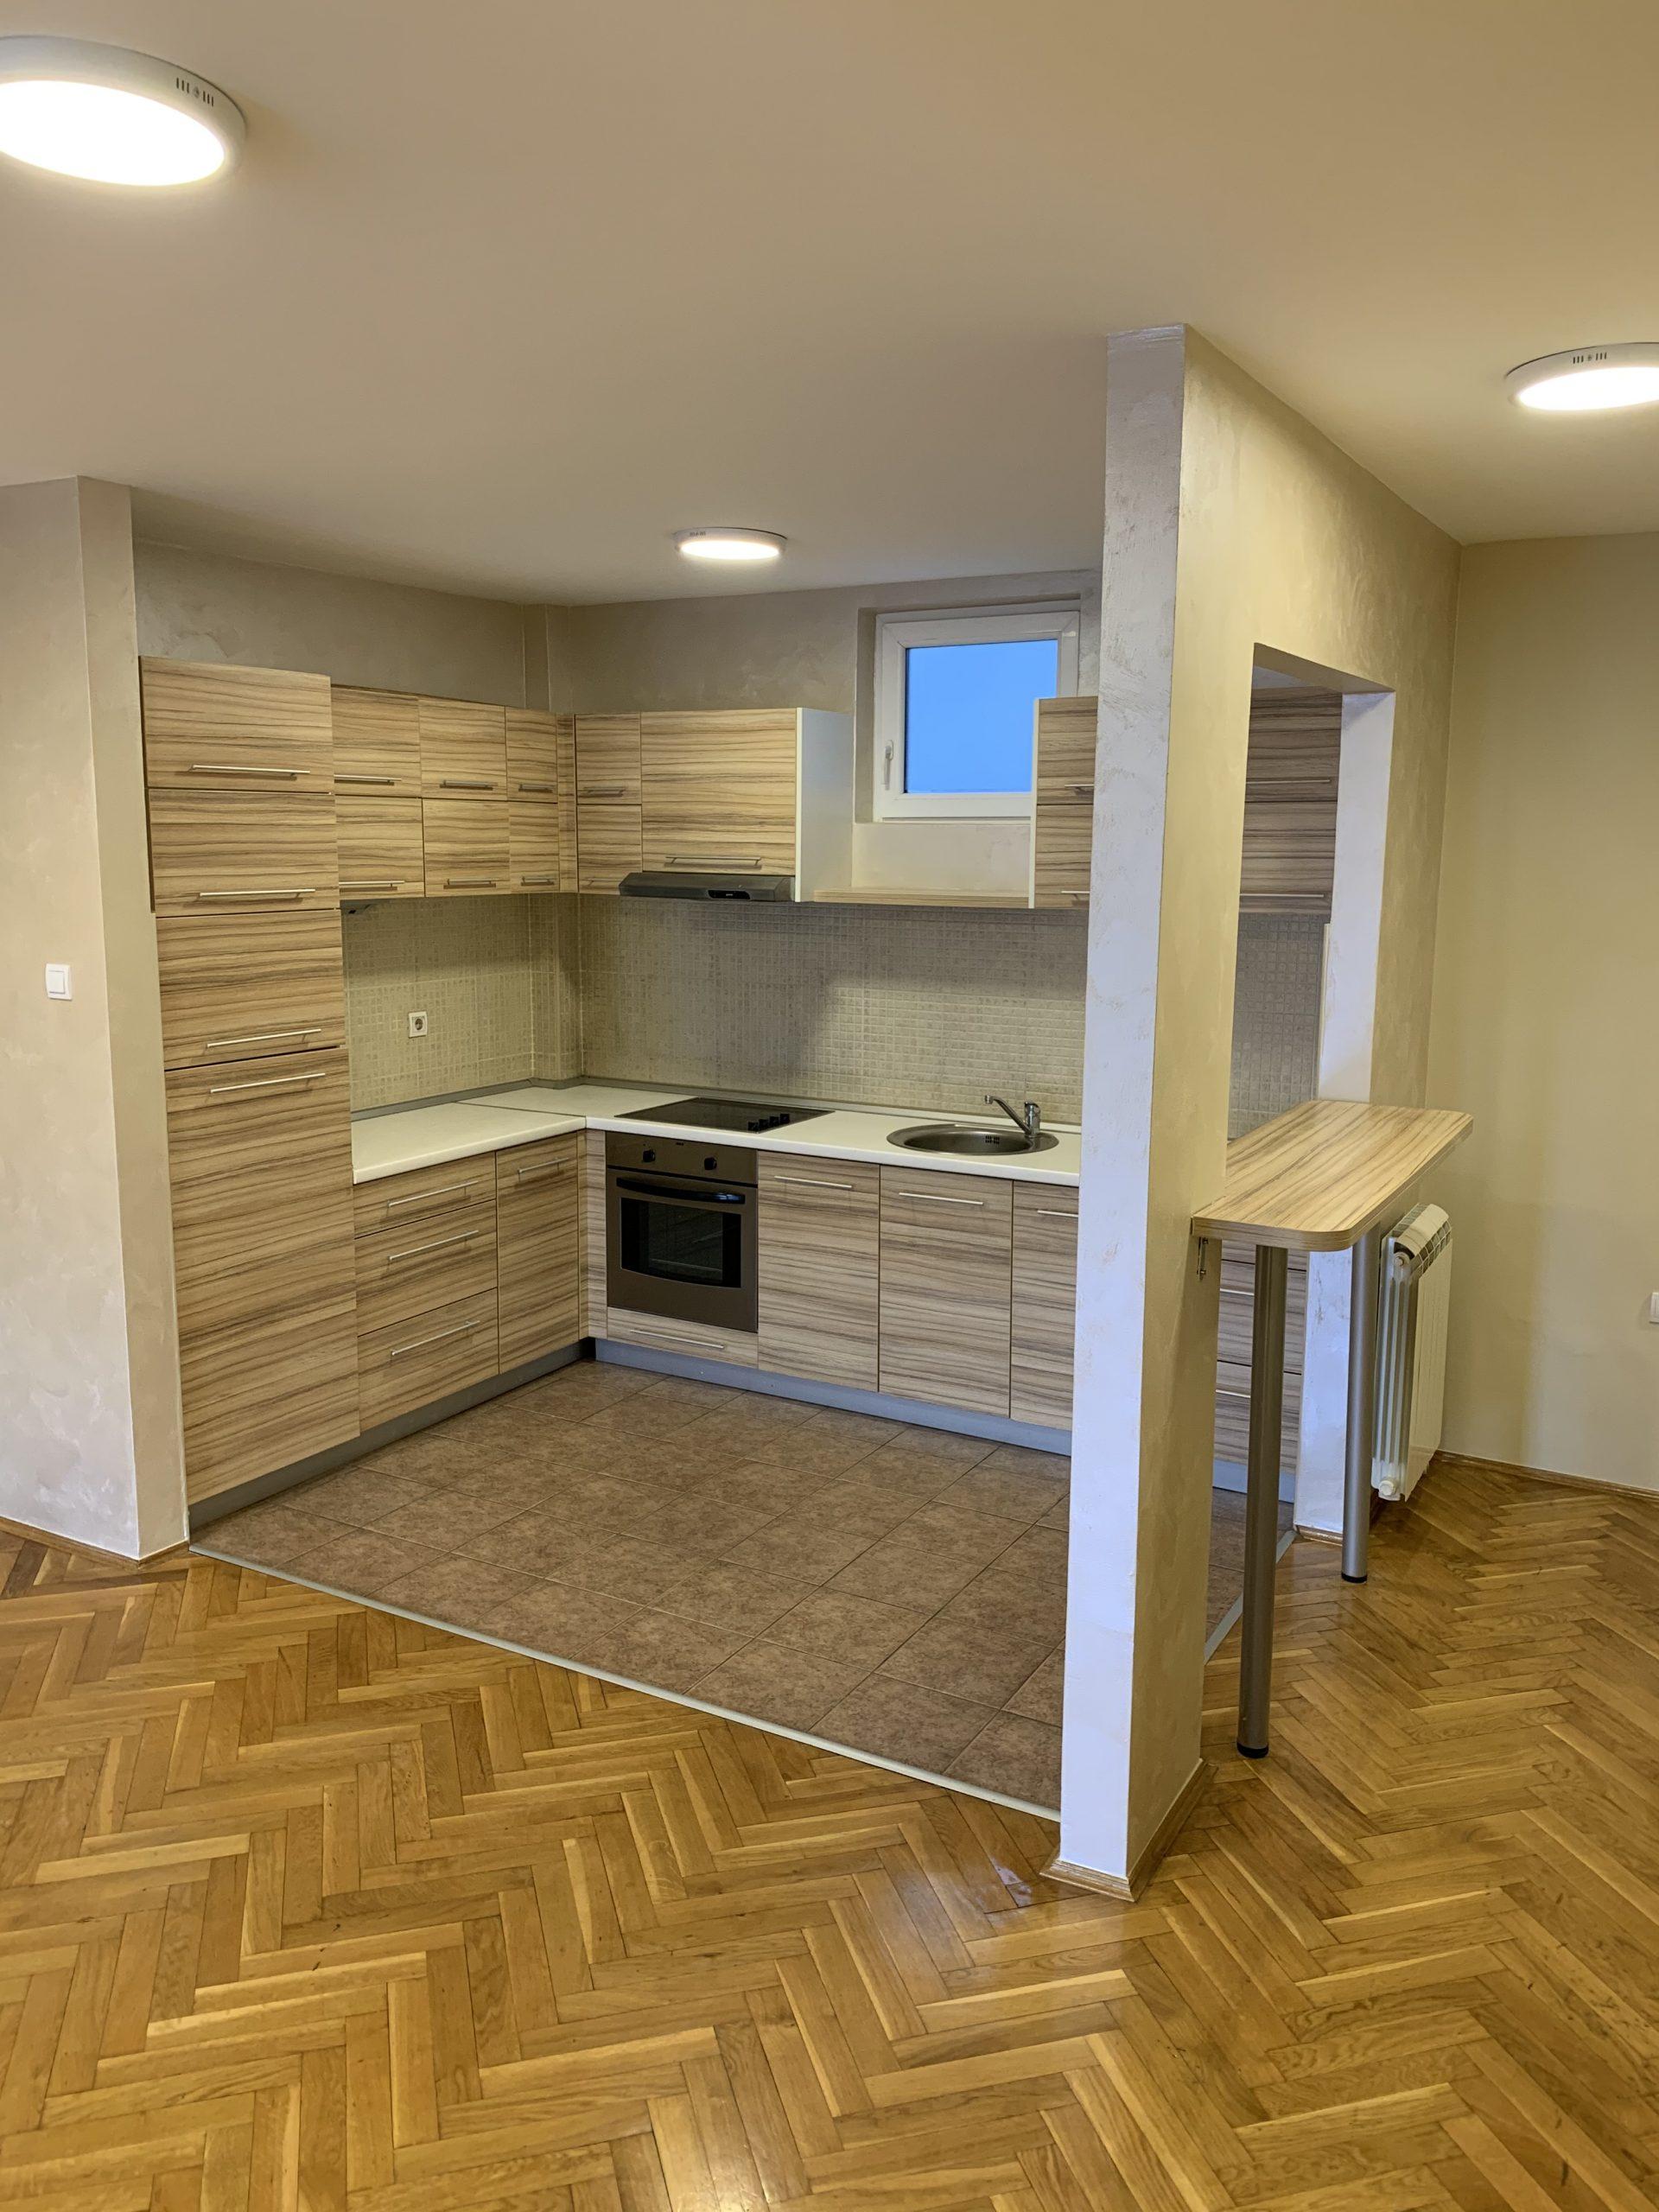 Porodični stan sa tri spavaće sobe